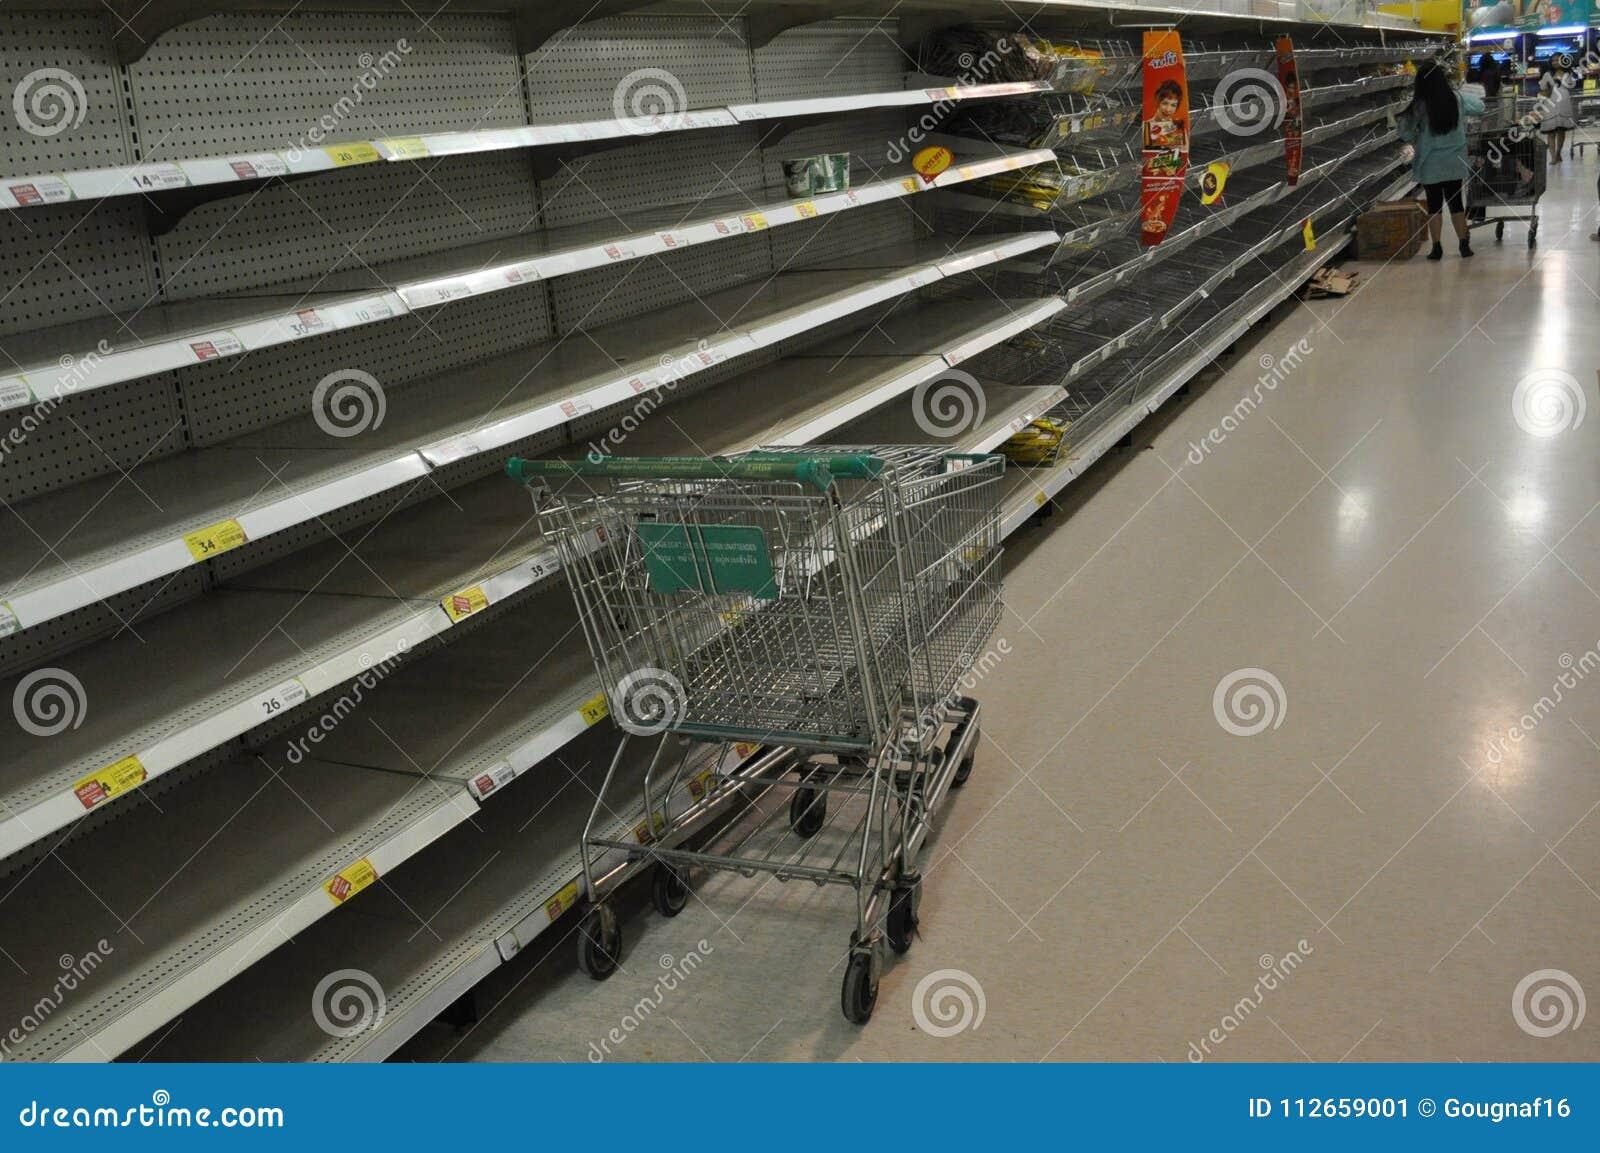 Image result for supermarket cubanos vacios